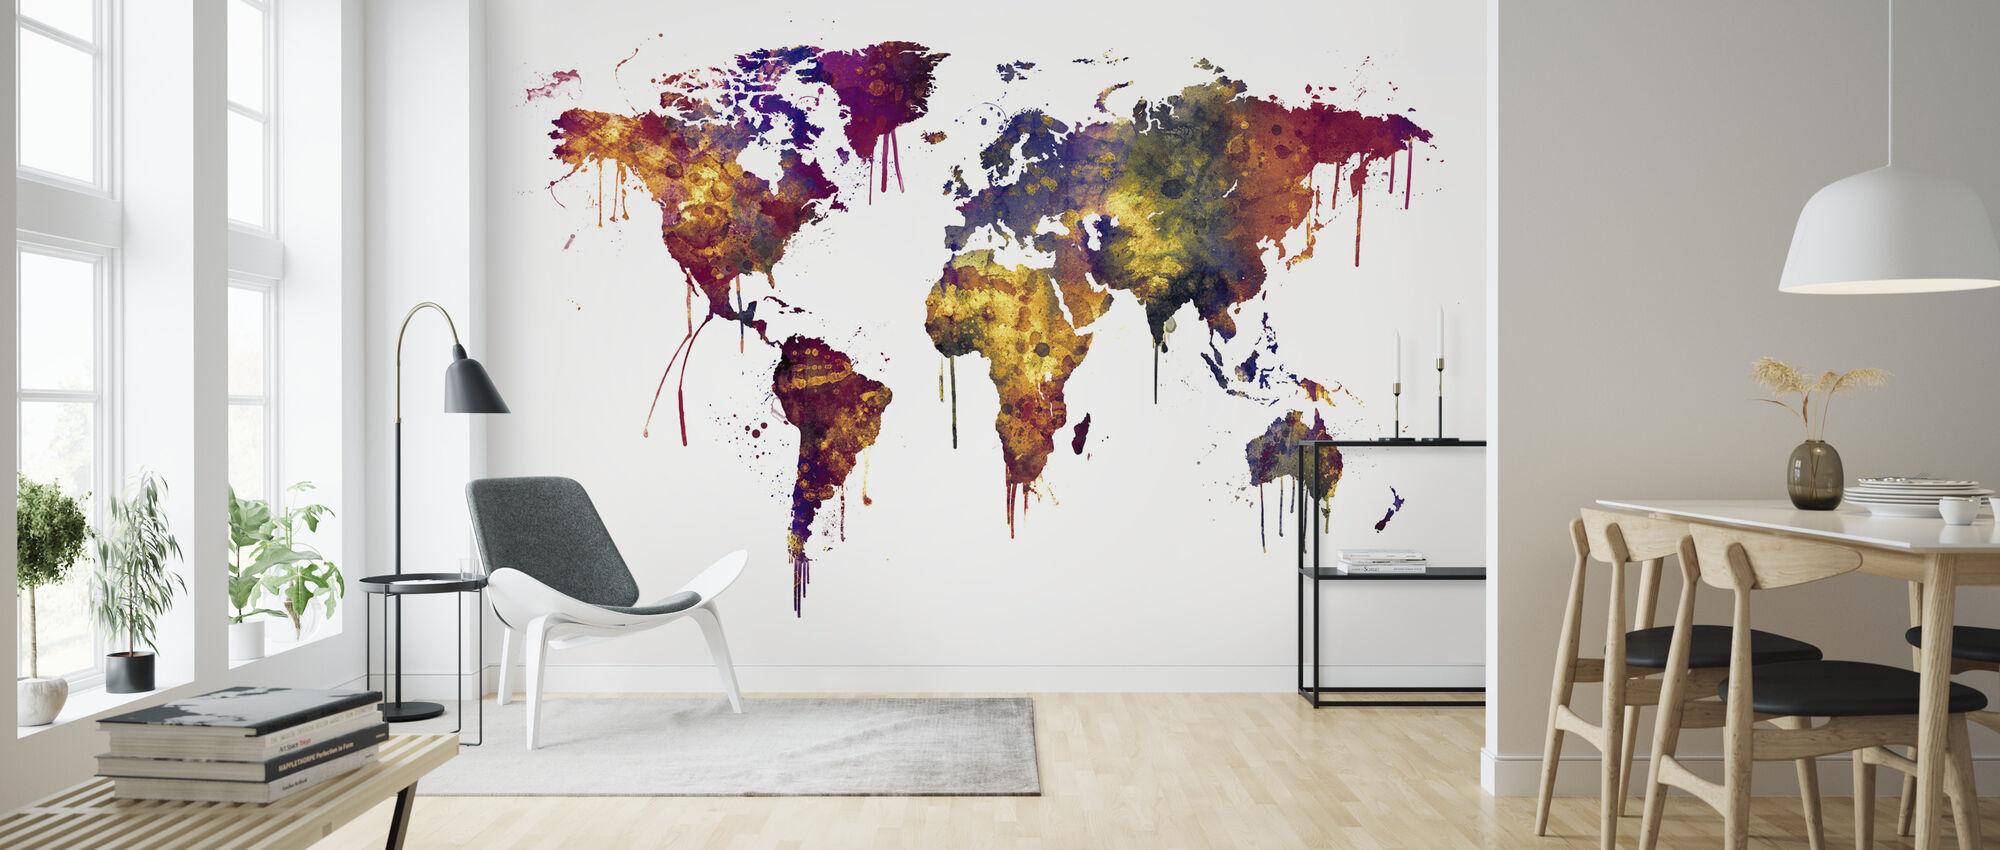 Aquarel Wereld Kaart 2 - Behang - Woonkamer